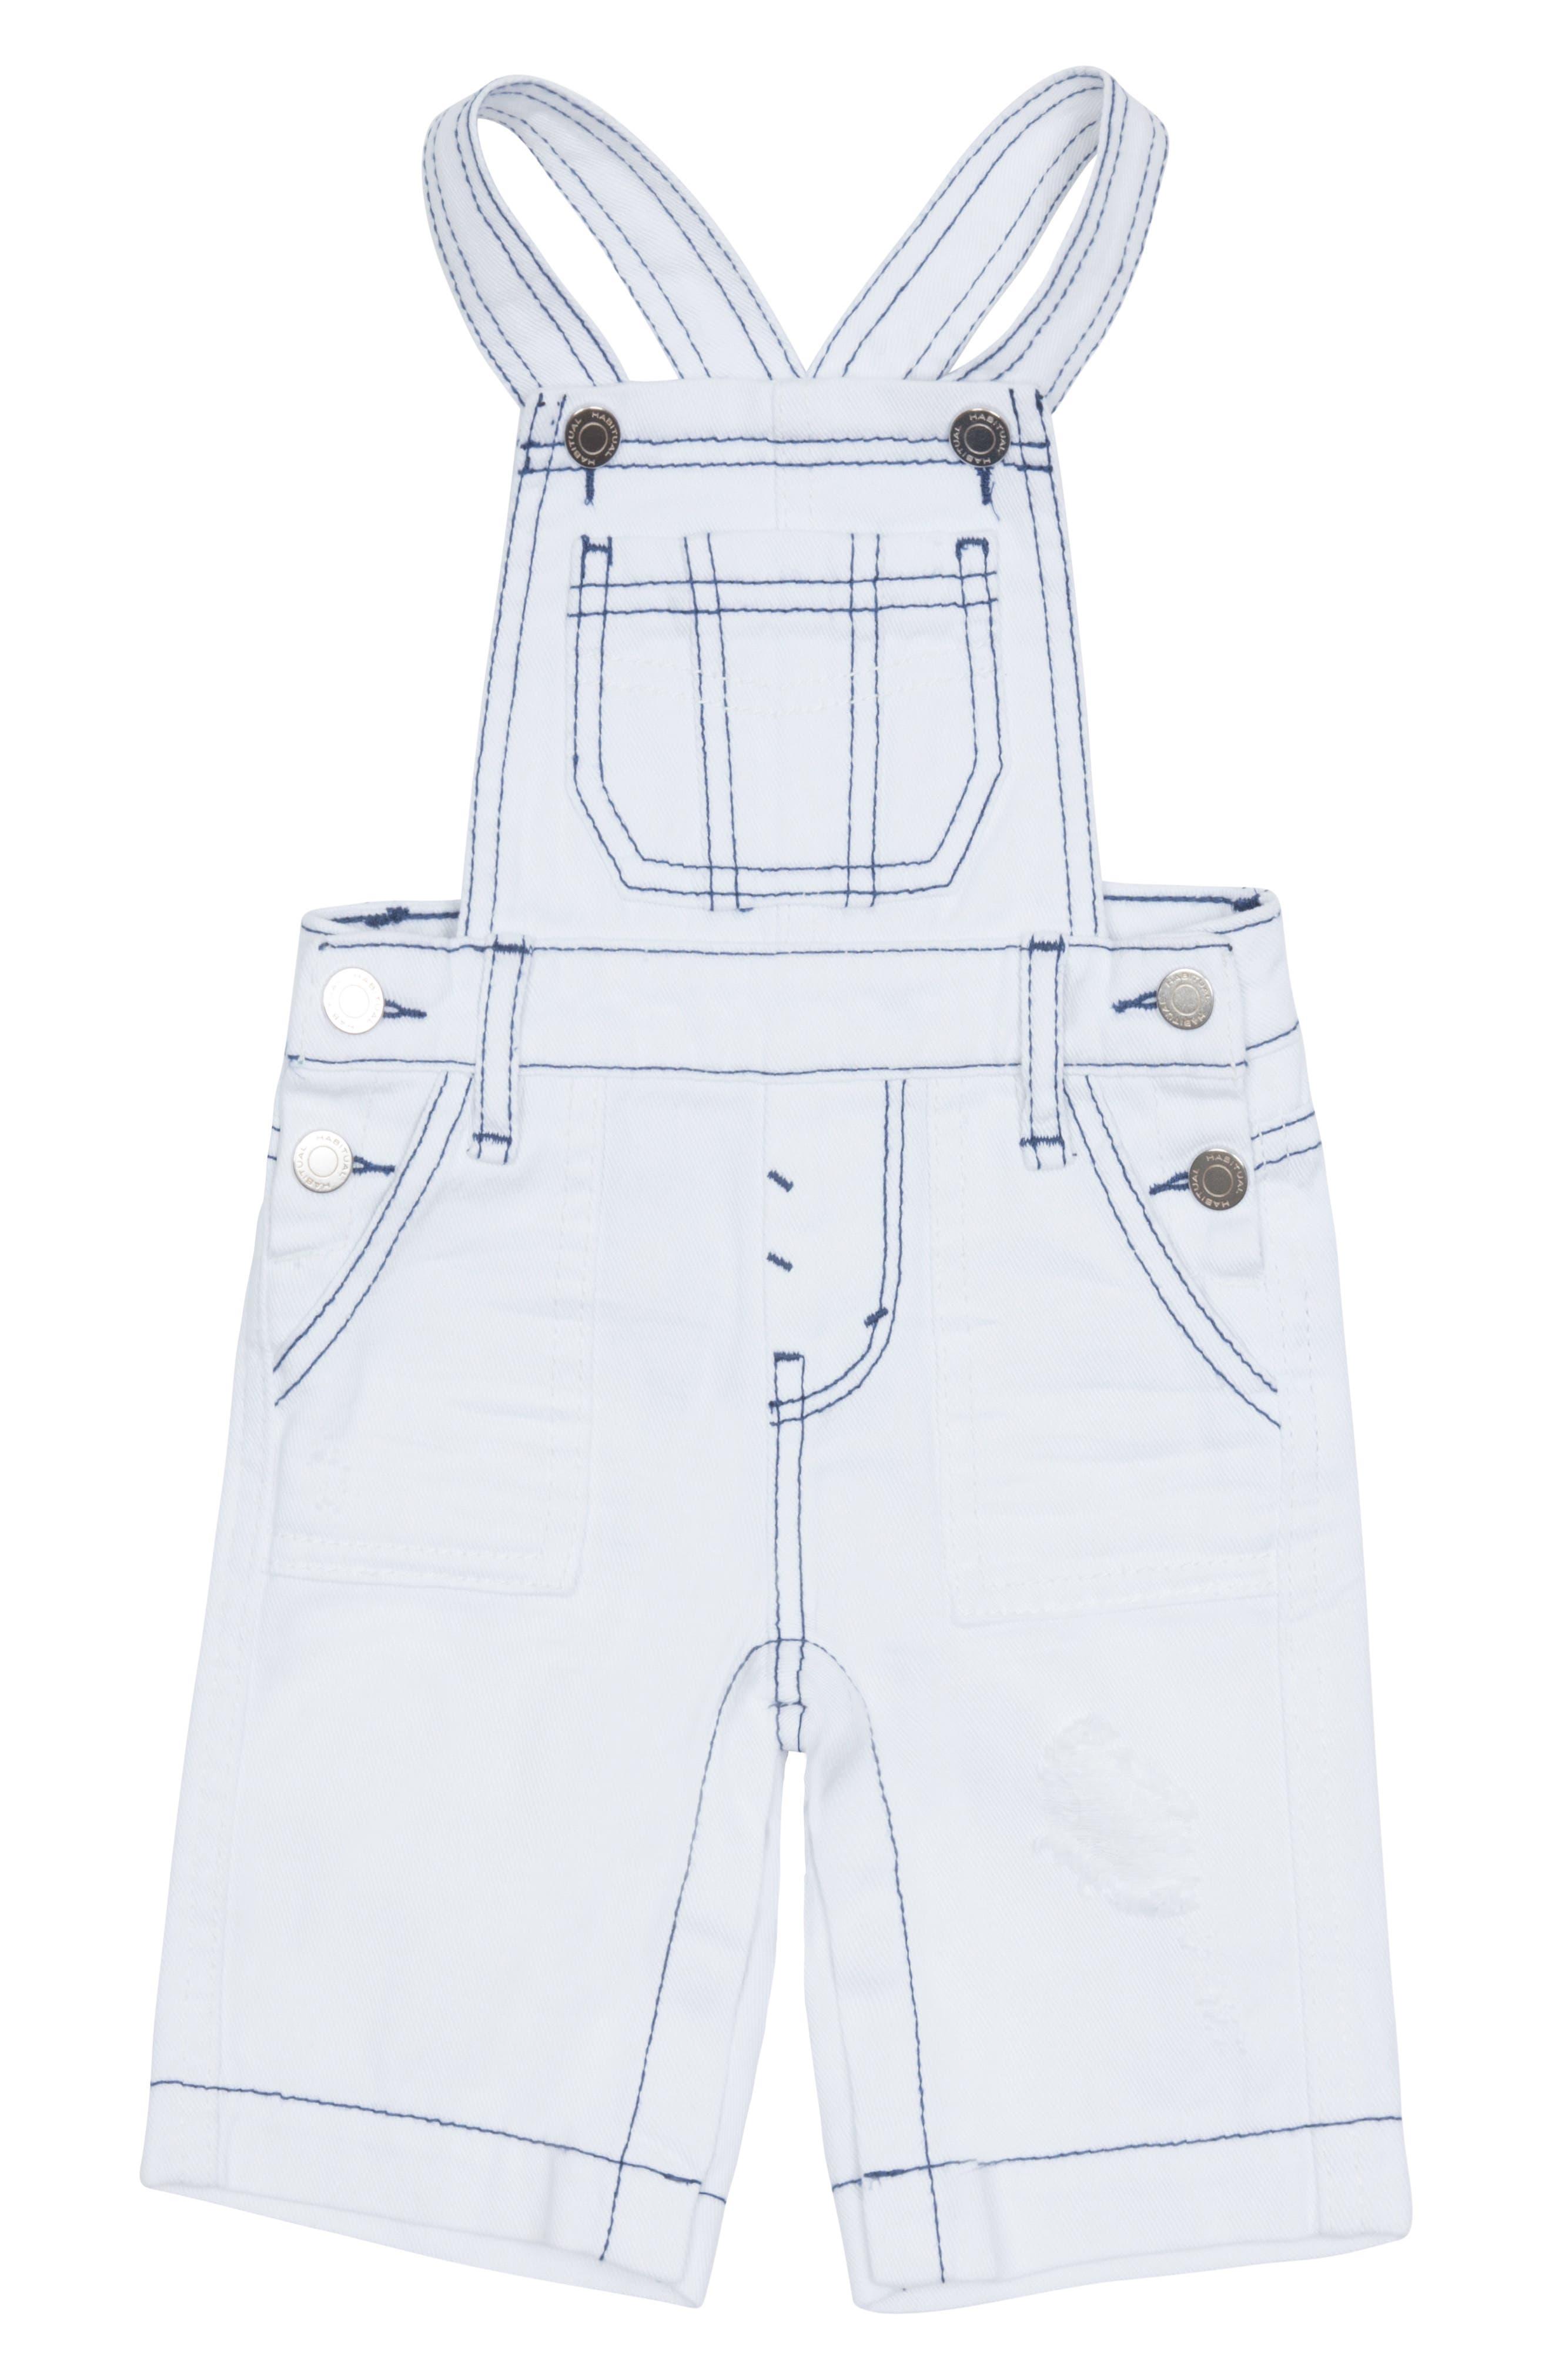 Toddler Girls Habitual Girl Vivien Wide Leg Overalls Size 3T  White